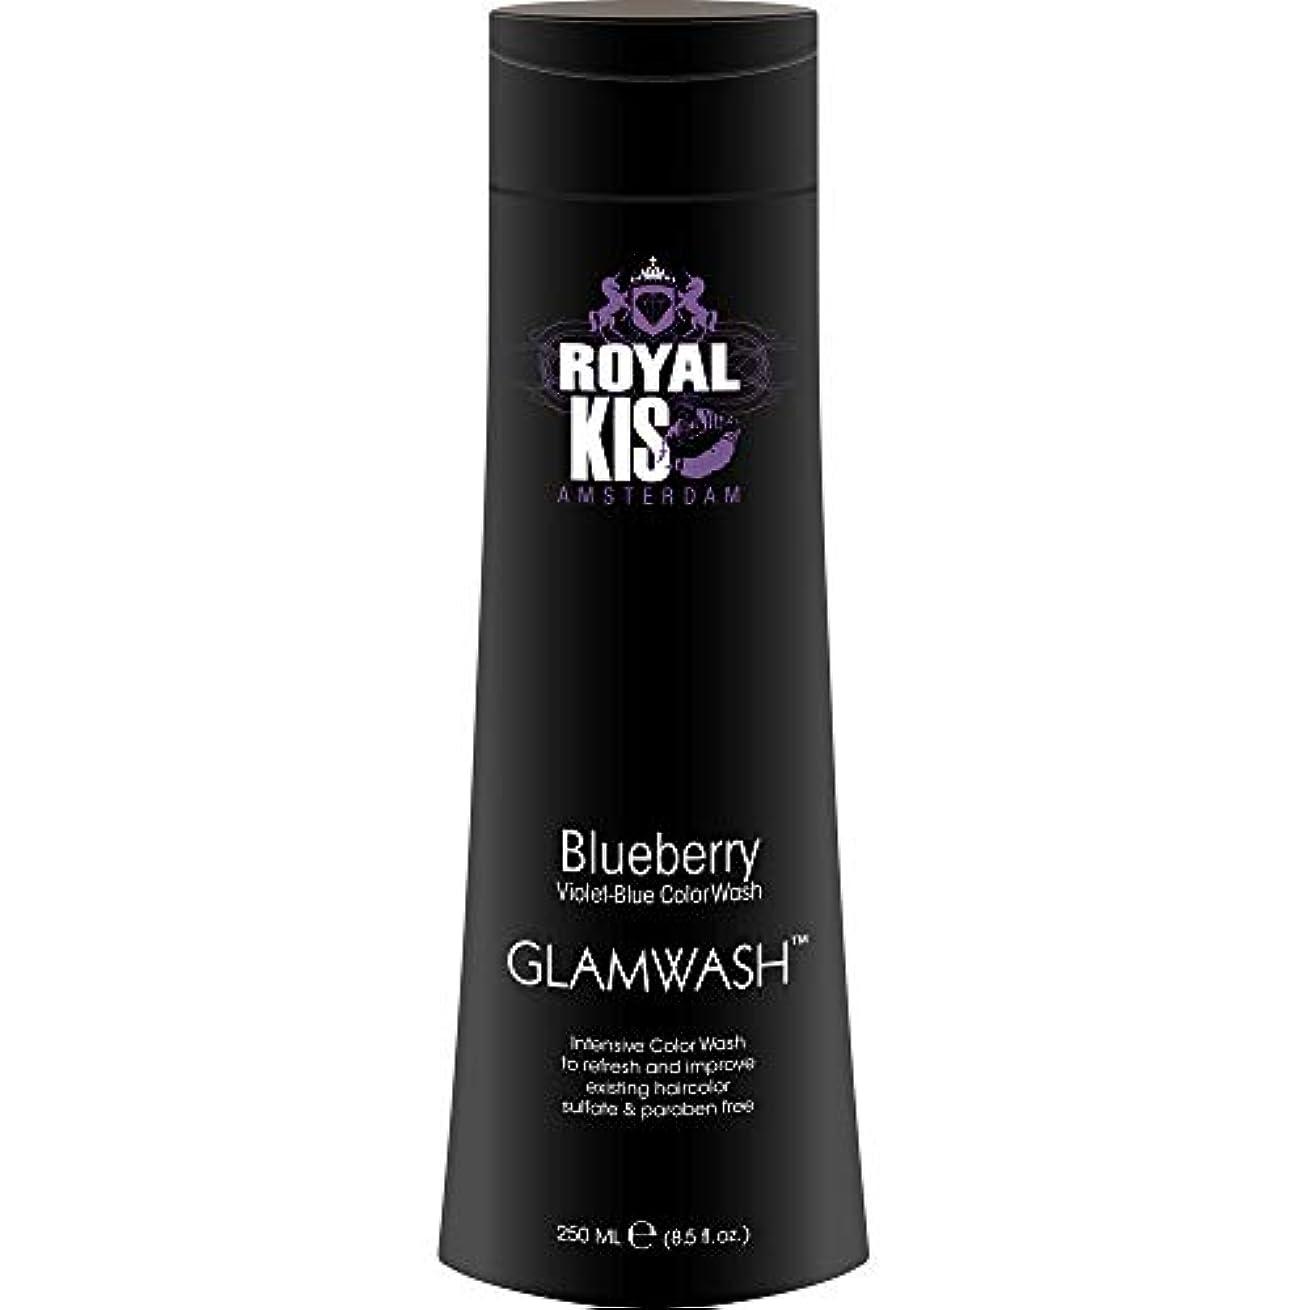 共和国効能ある清めるKappers Kis GlamWash ブルーベリー(バイオレット)-250mlインテンスカラーウォッシュ